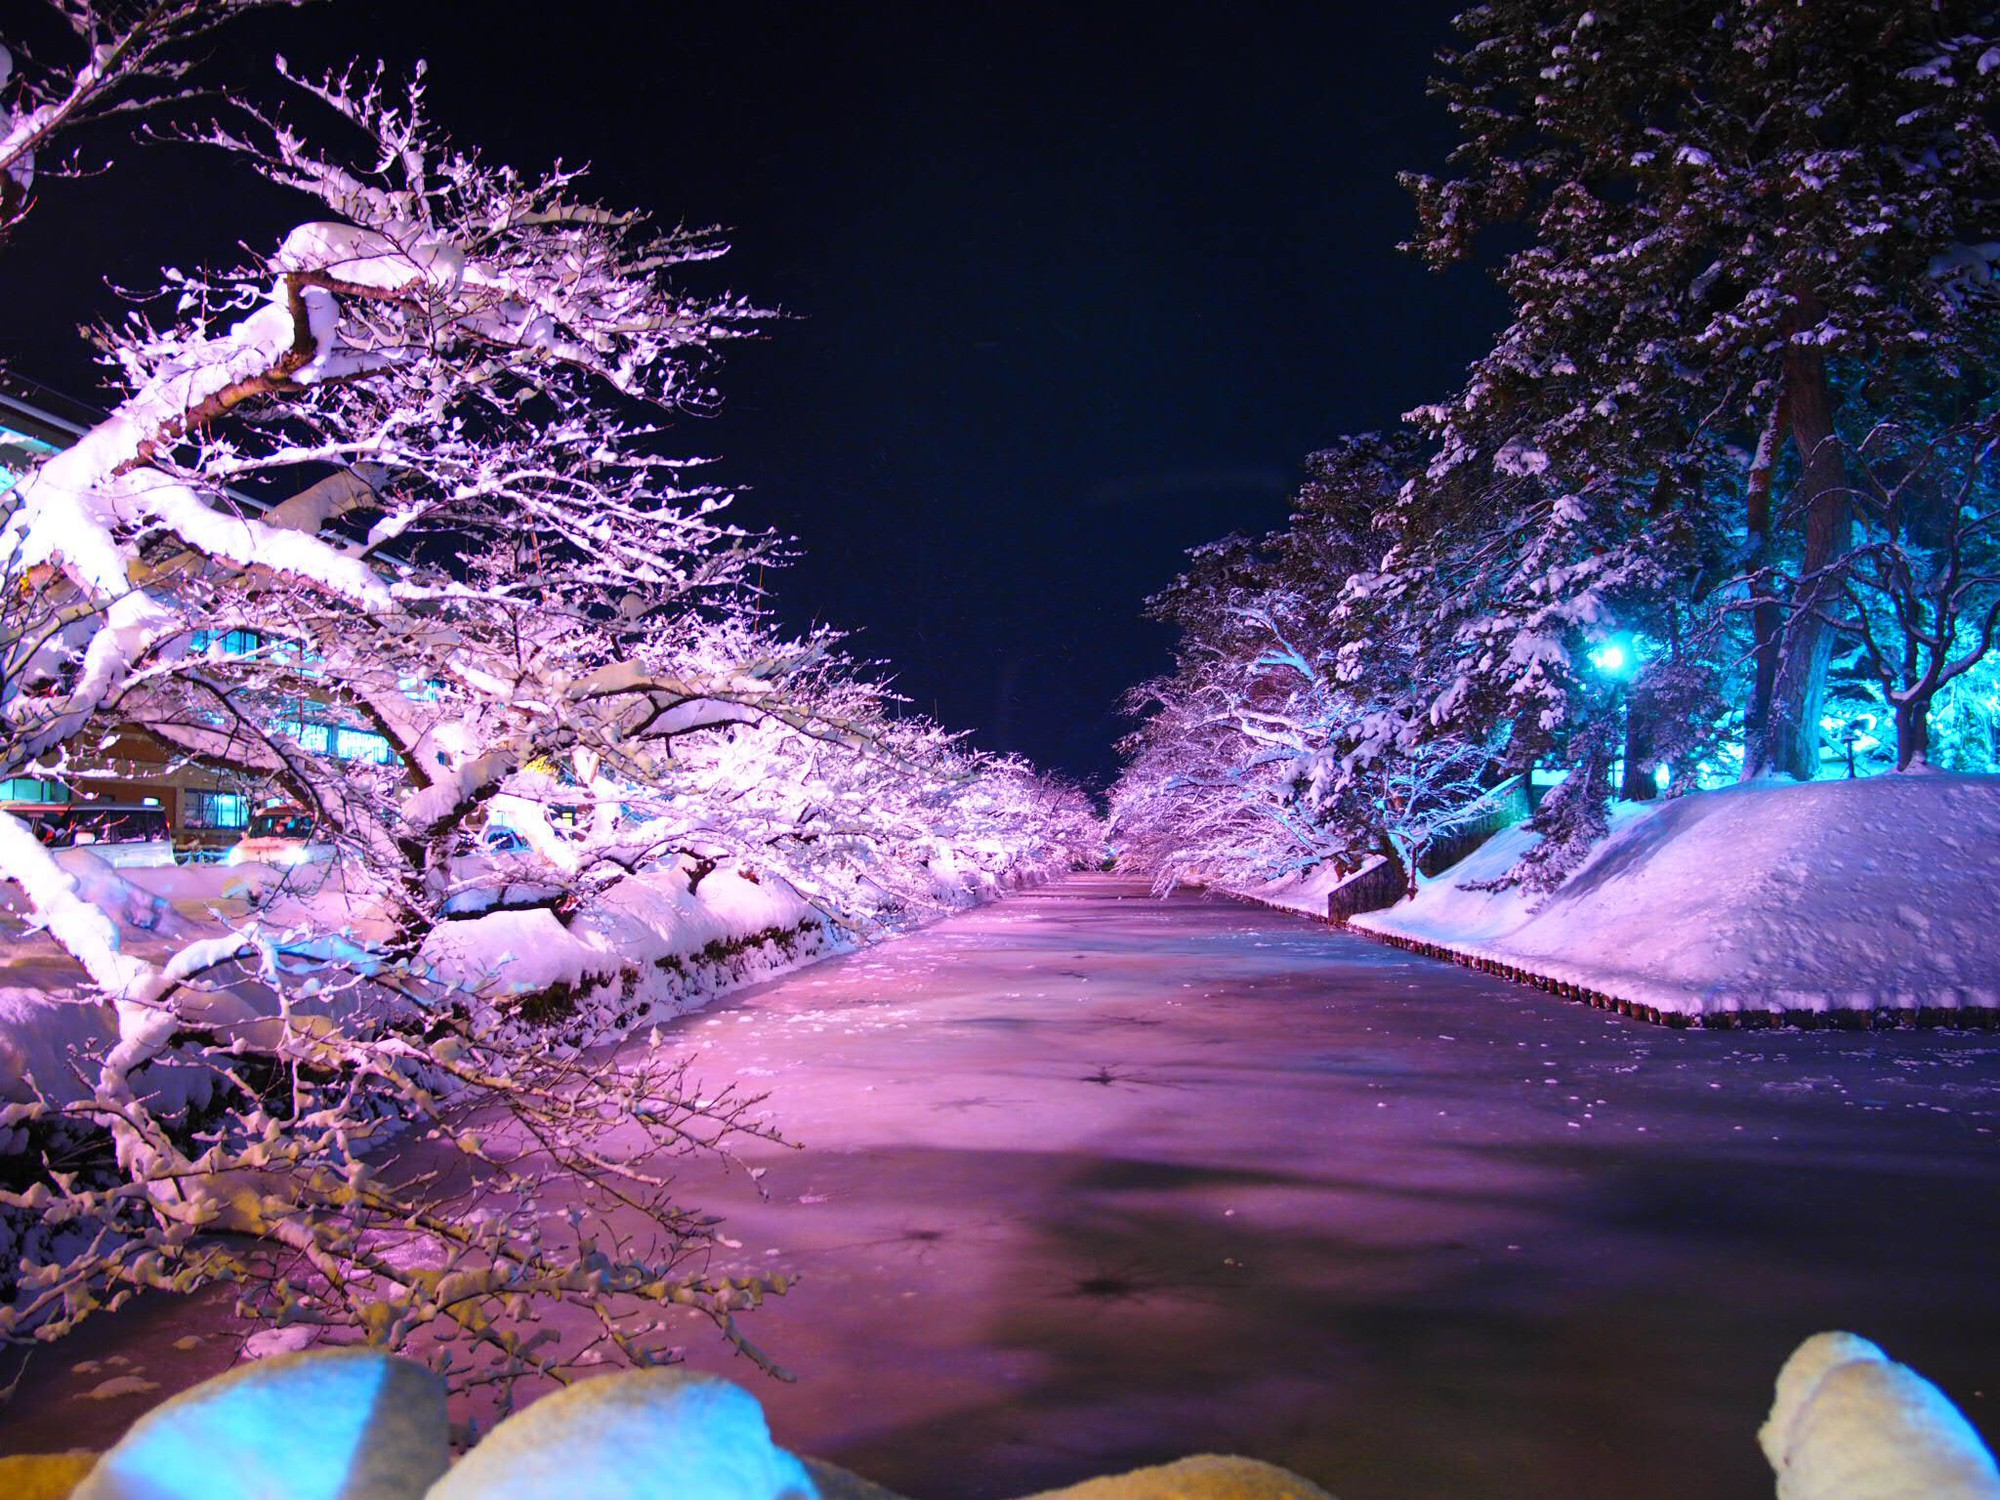 Người dân Nhật ngỡ ngàng chiêm ngưỡng những bông hoa anh đào băng tuyết trong thời tiết lạnh giá kéo dài - Ảnh 7.